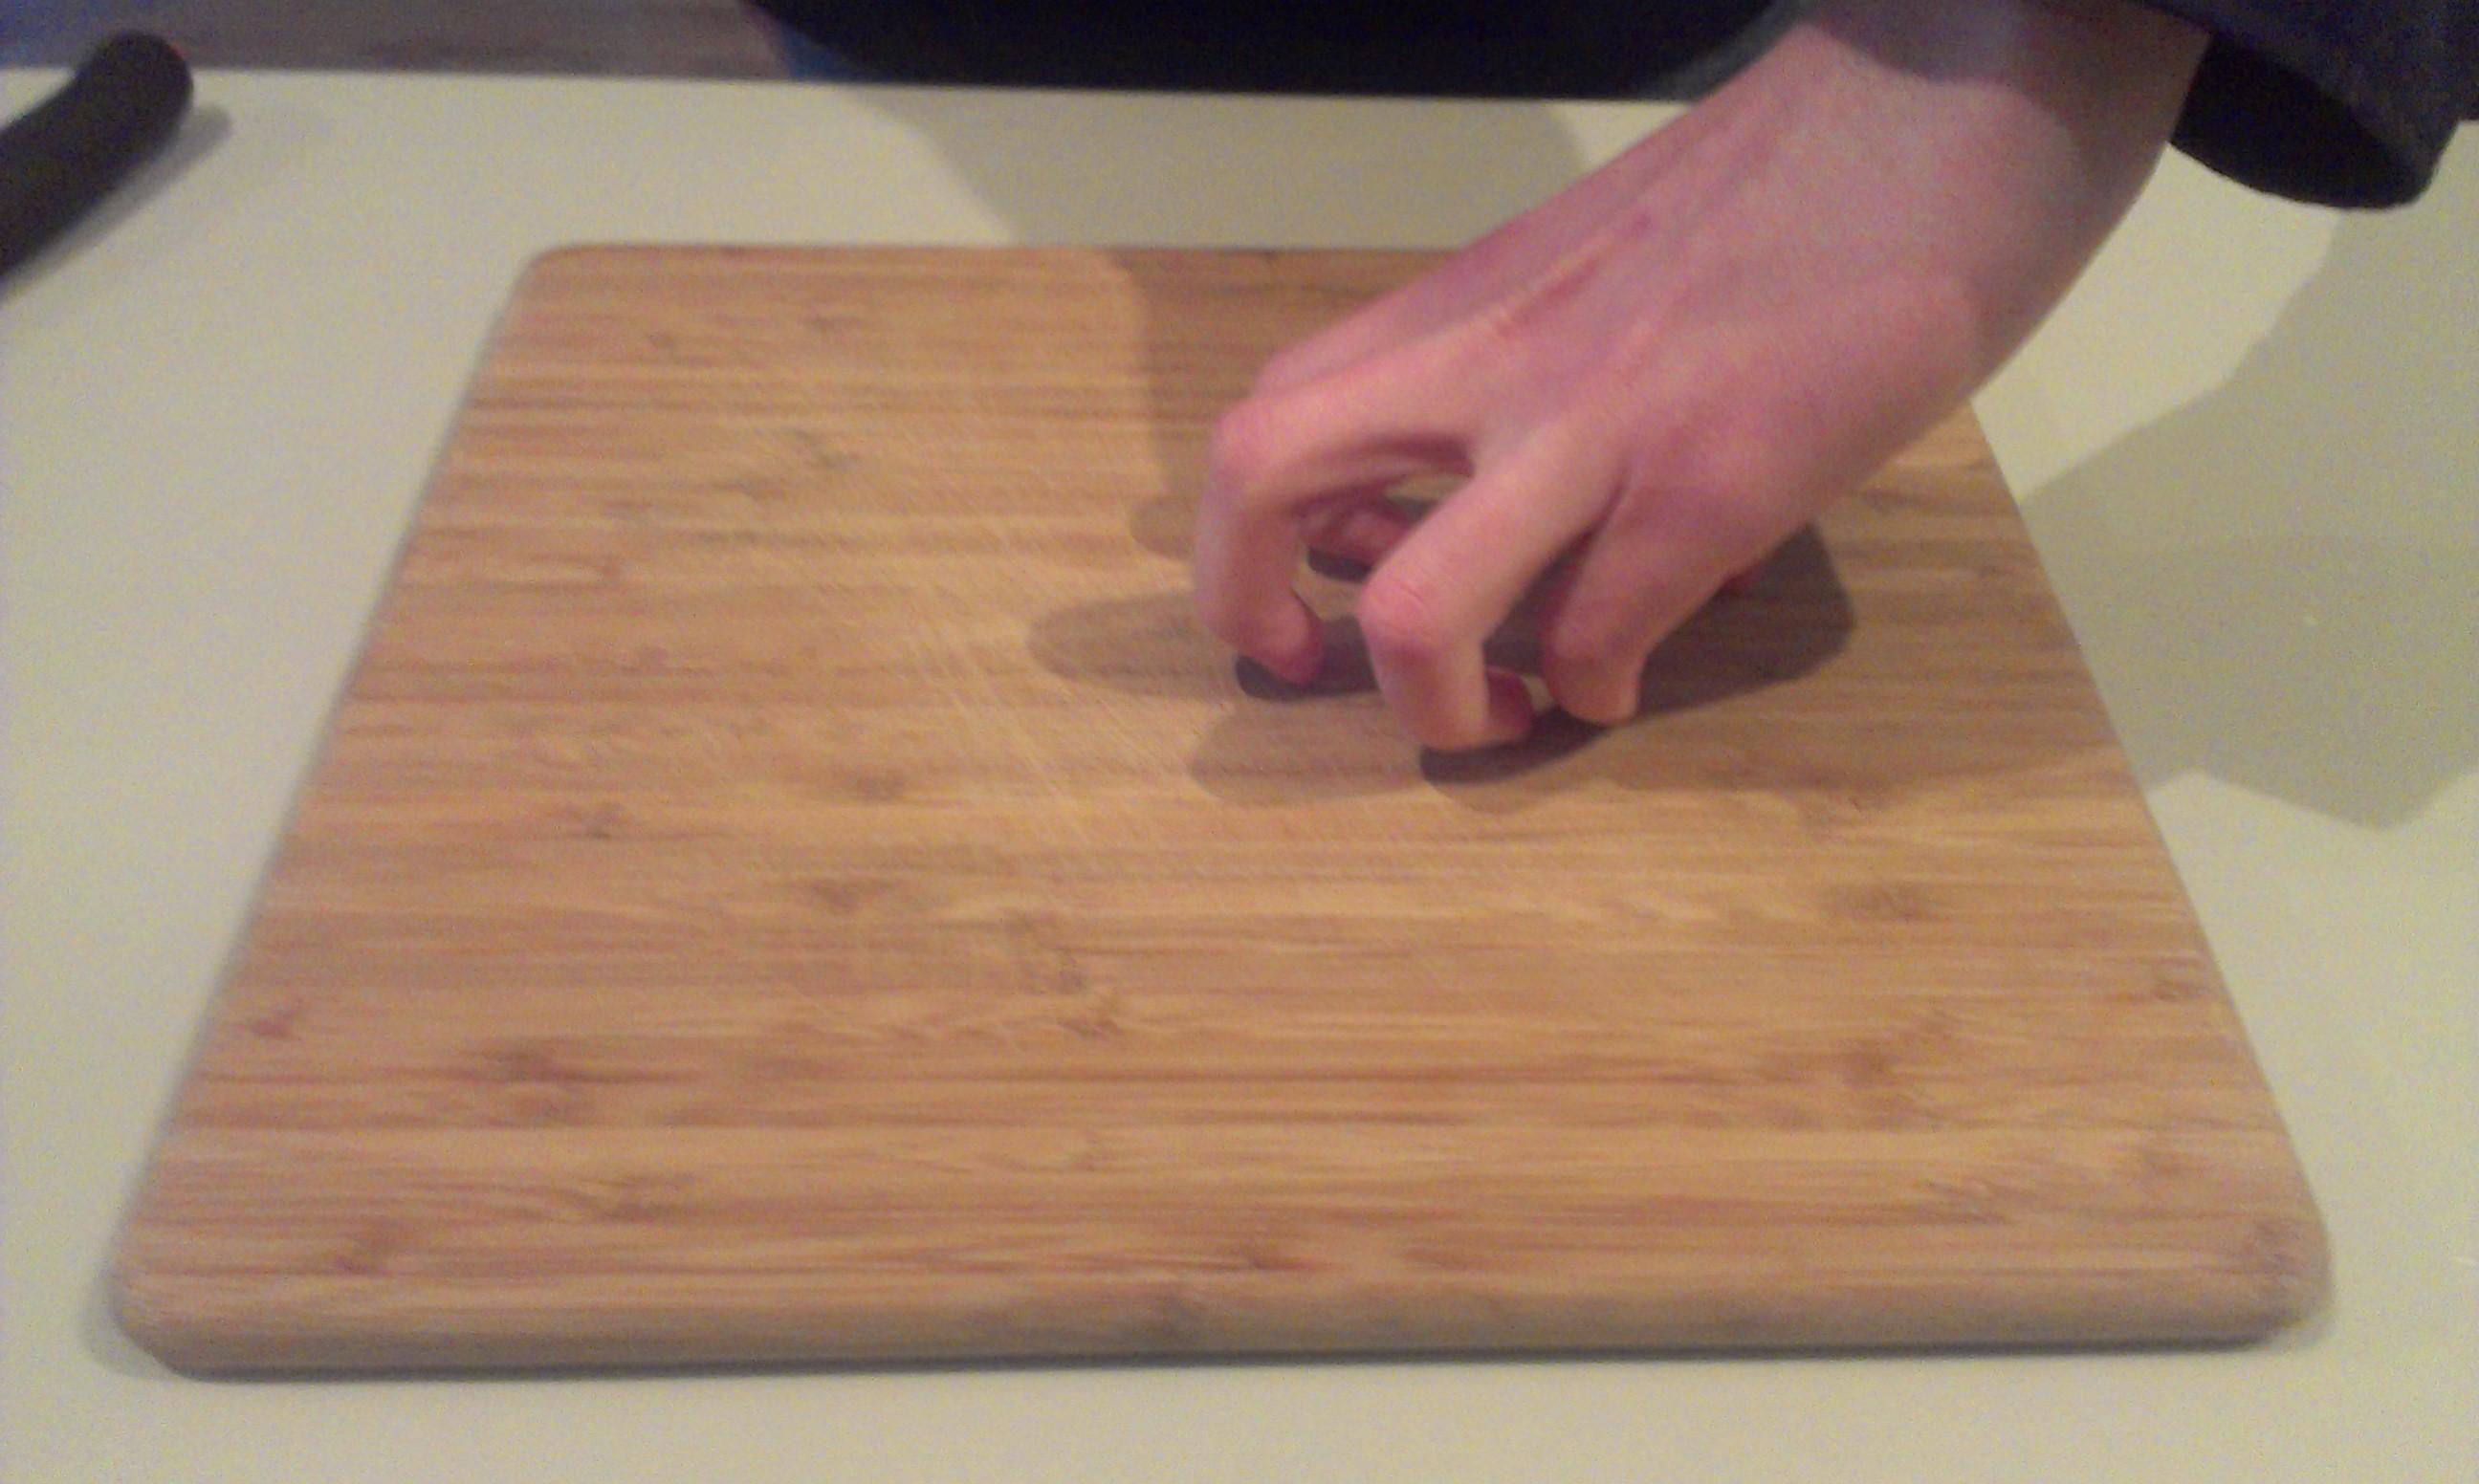 De juiste houding van je linkse hand. De vingertoppen goed terug trekken.